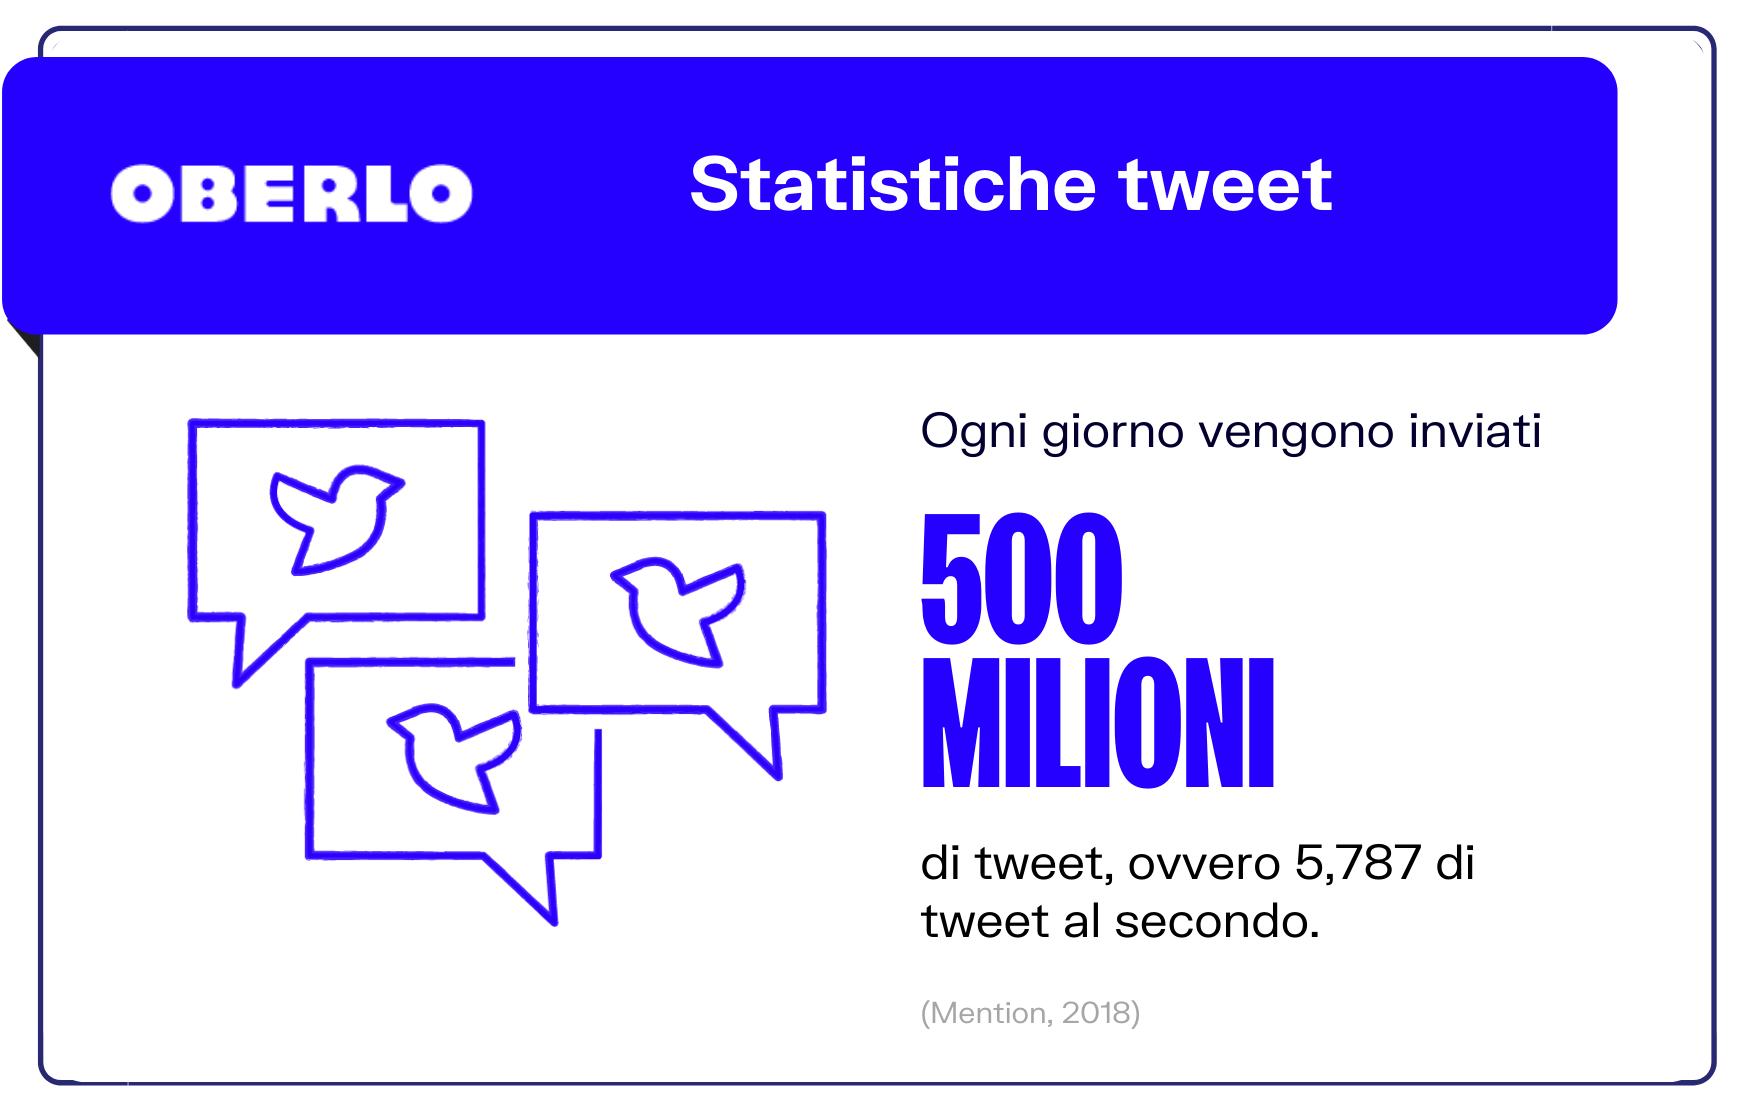 statistiche tweet